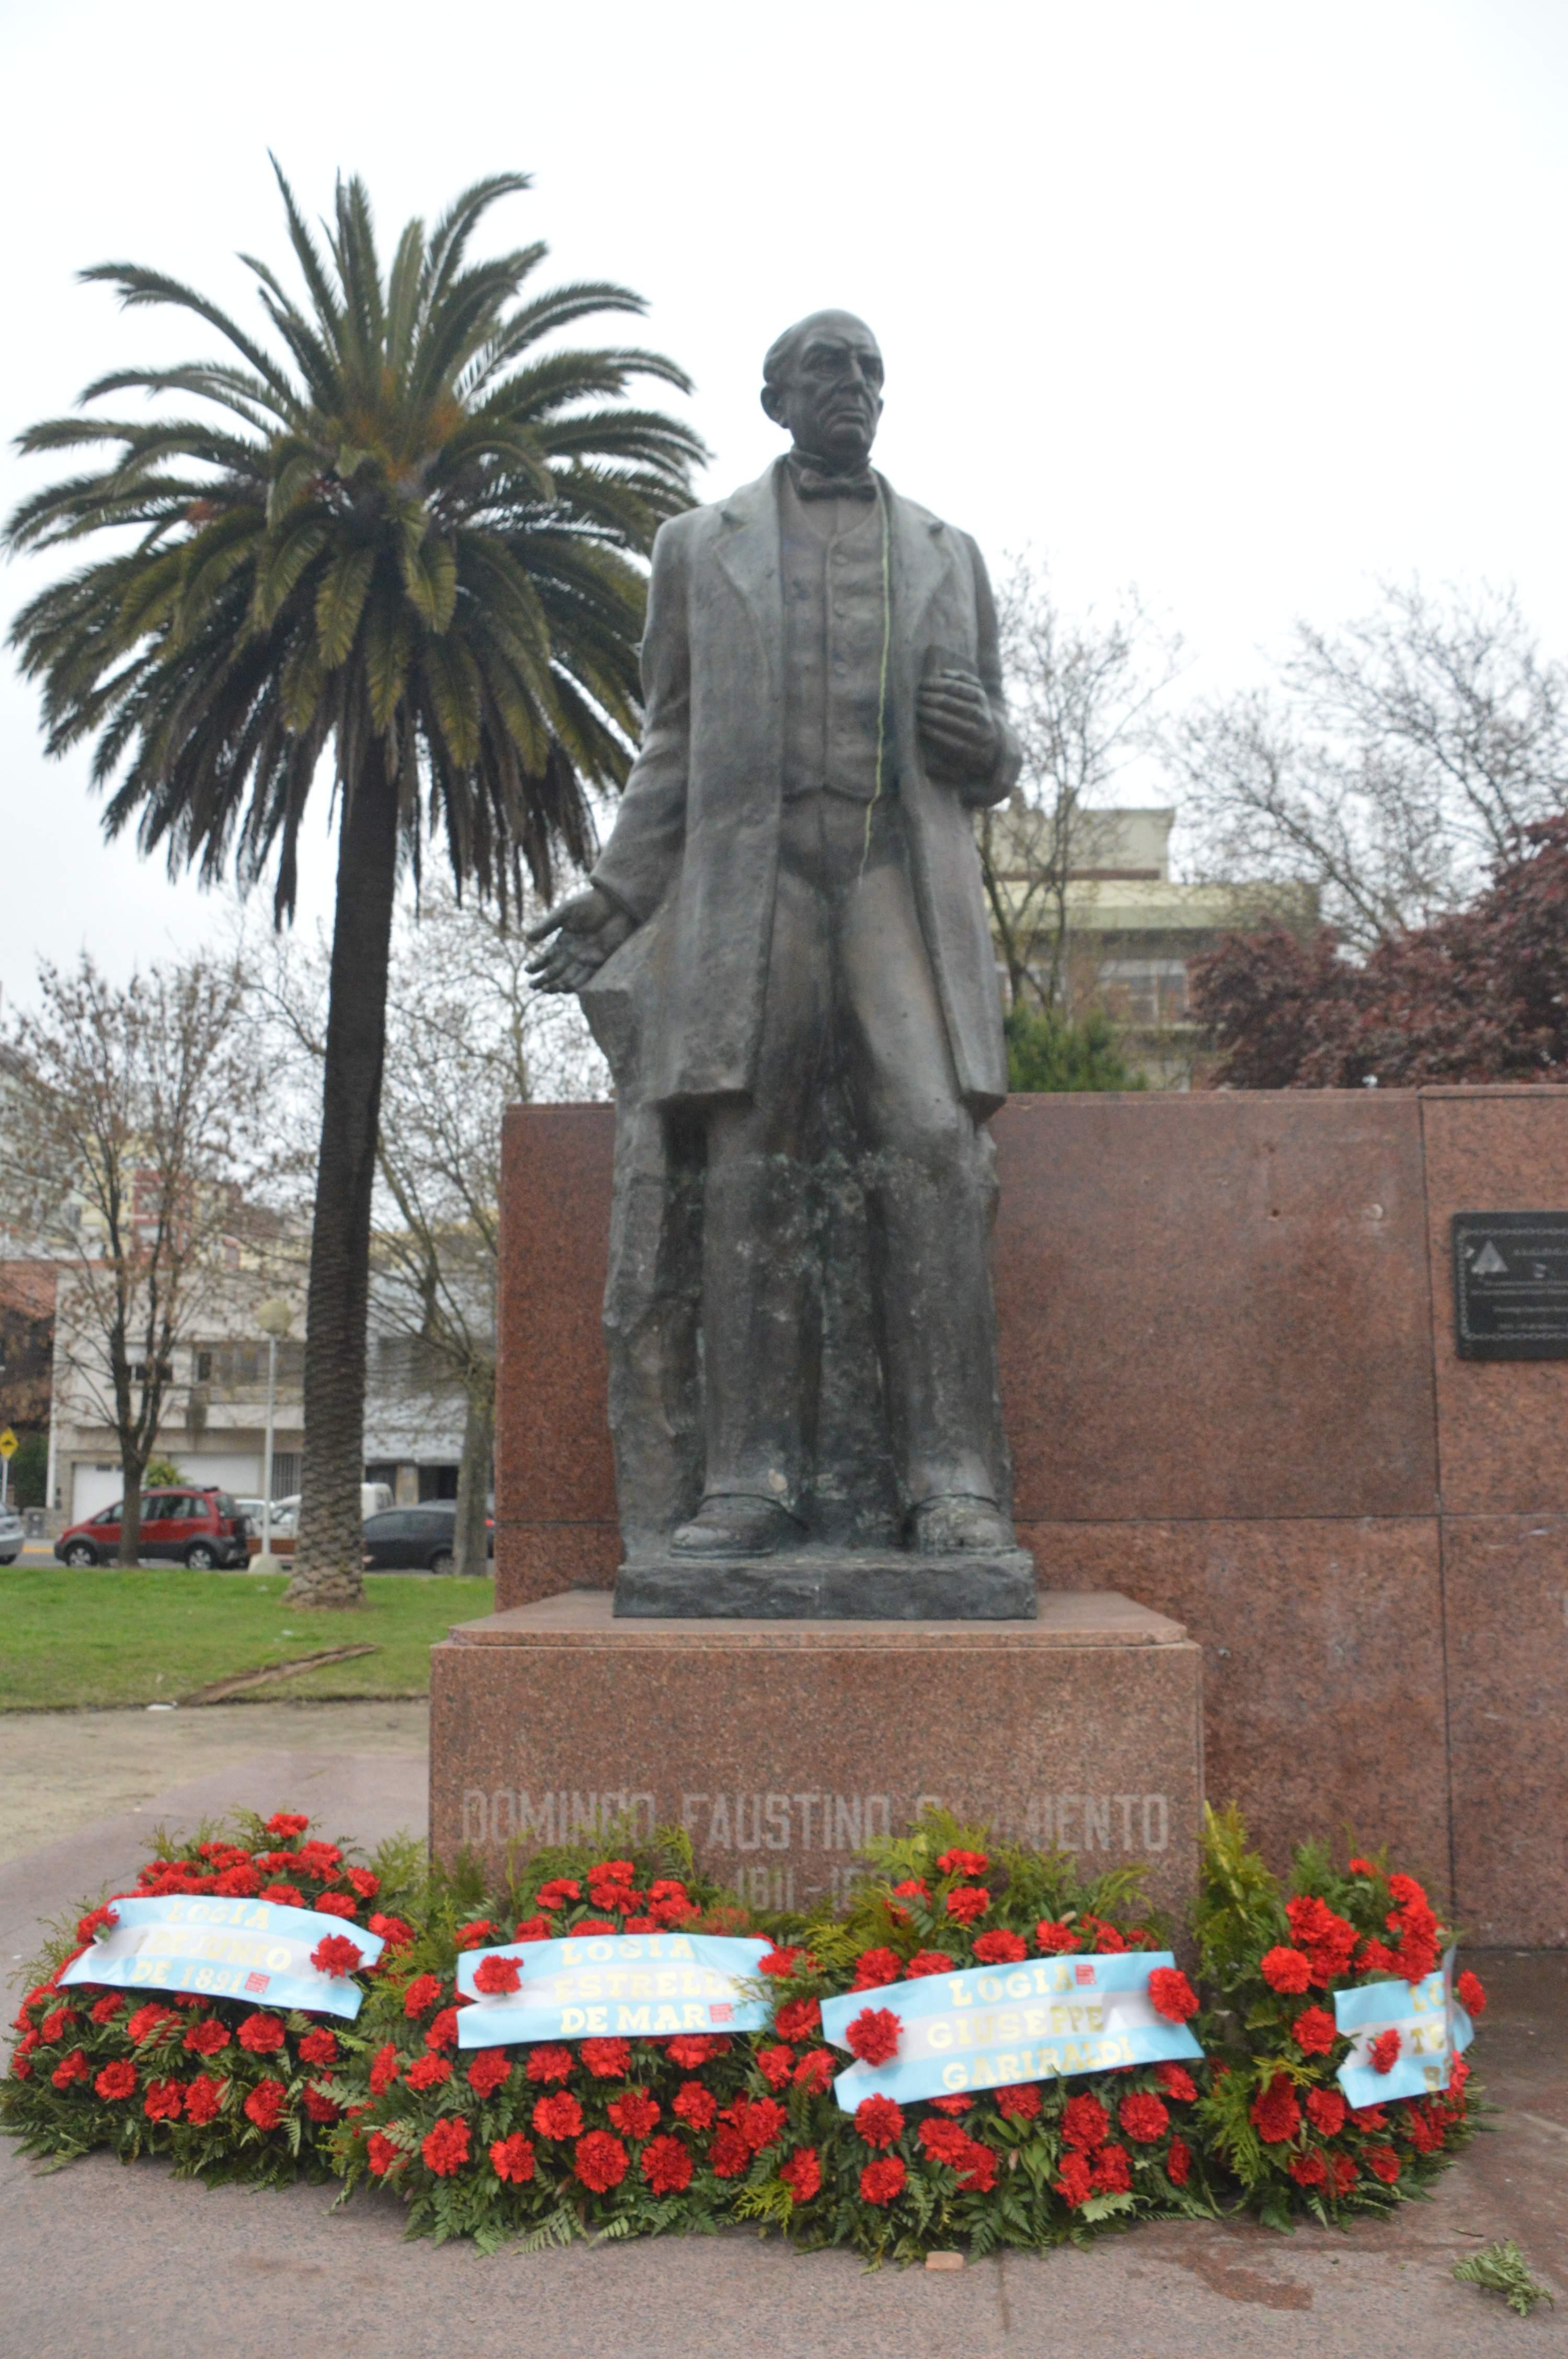 El monumento a Sarmiento, que ayer cumplía 50 años, no luce ofrendas florales del municipio ni de ninguna otra autoridad local.